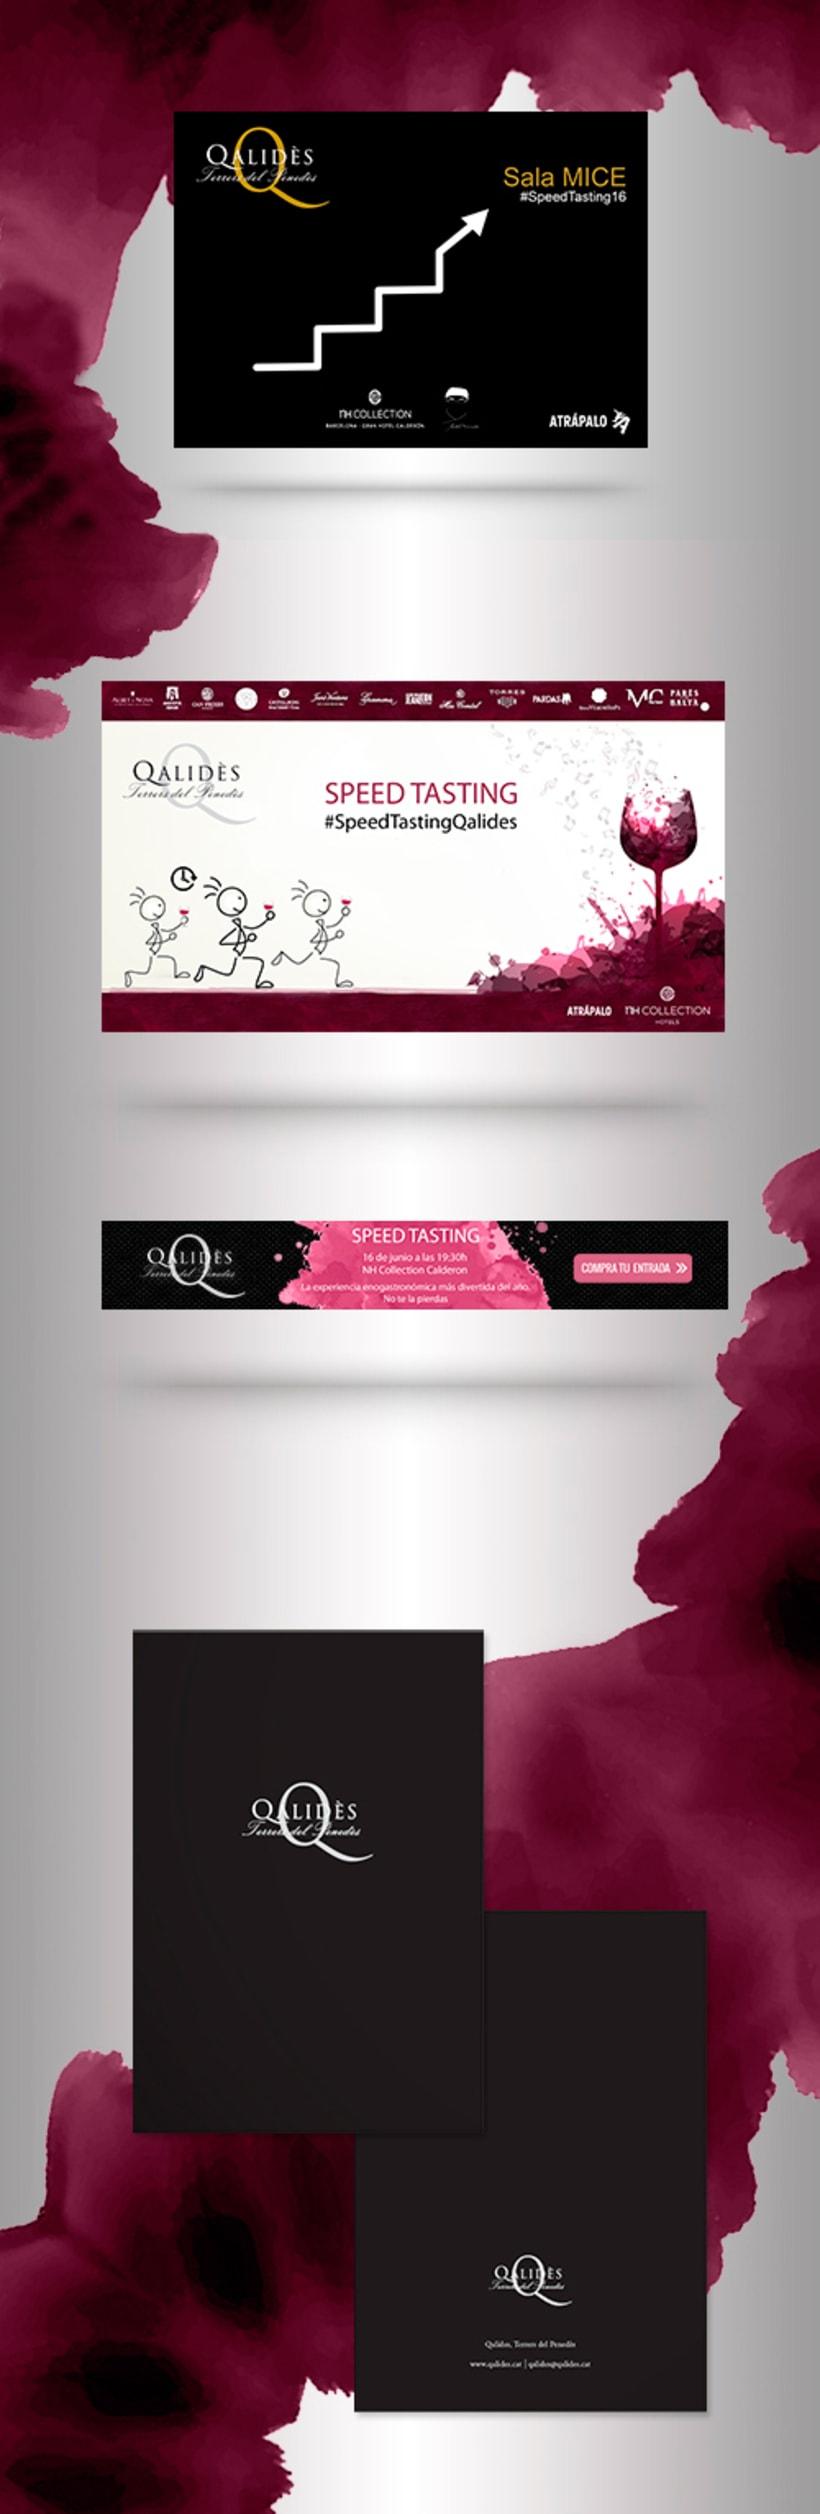 Diseños para evento_Qalides 1